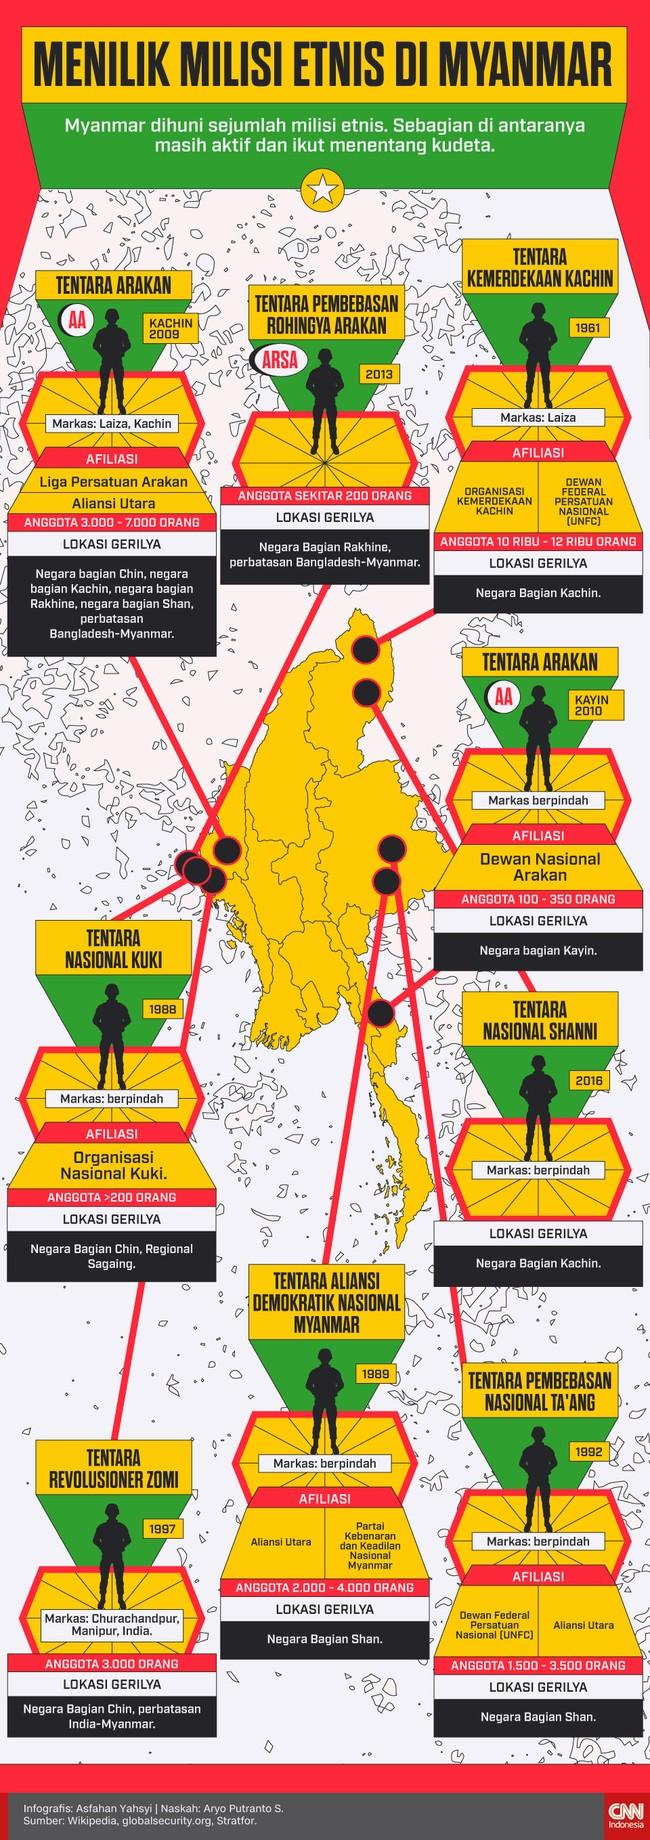 Myanmar dihuni sejumlah milisi etnis. Sebagian di antaranya masih aktif dan ikut menentang kudeta.